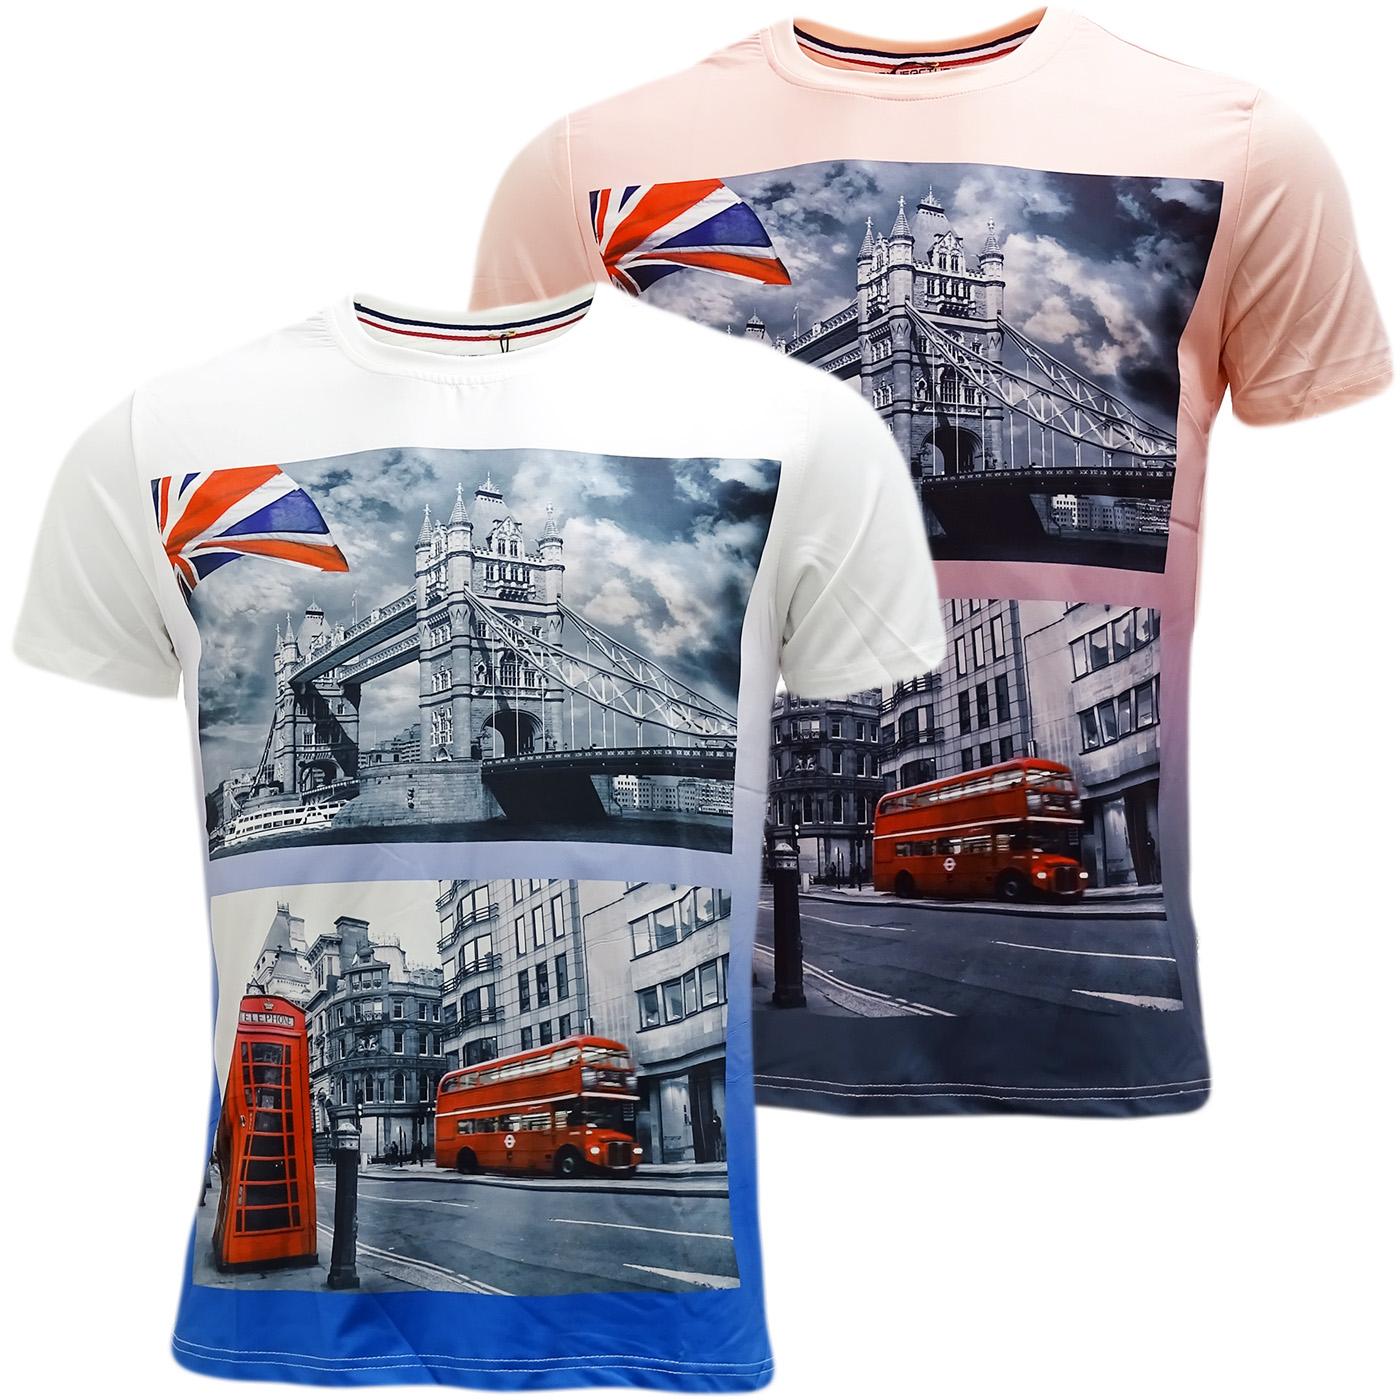 D Rock London Bridge / London Bus T-Shirt - Ldn3